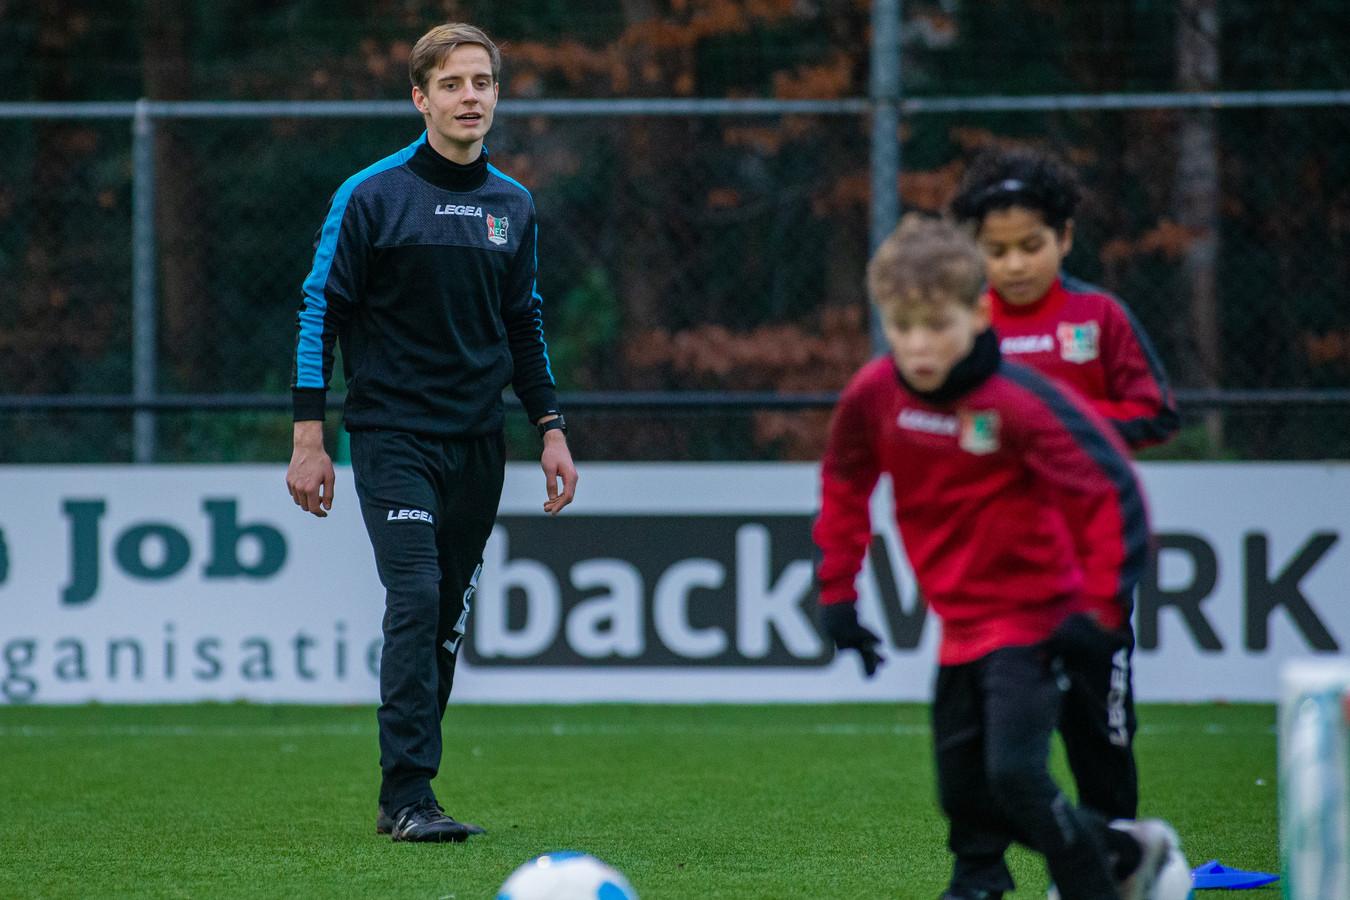 Thomas Botden als trainer van NECOnder 10.